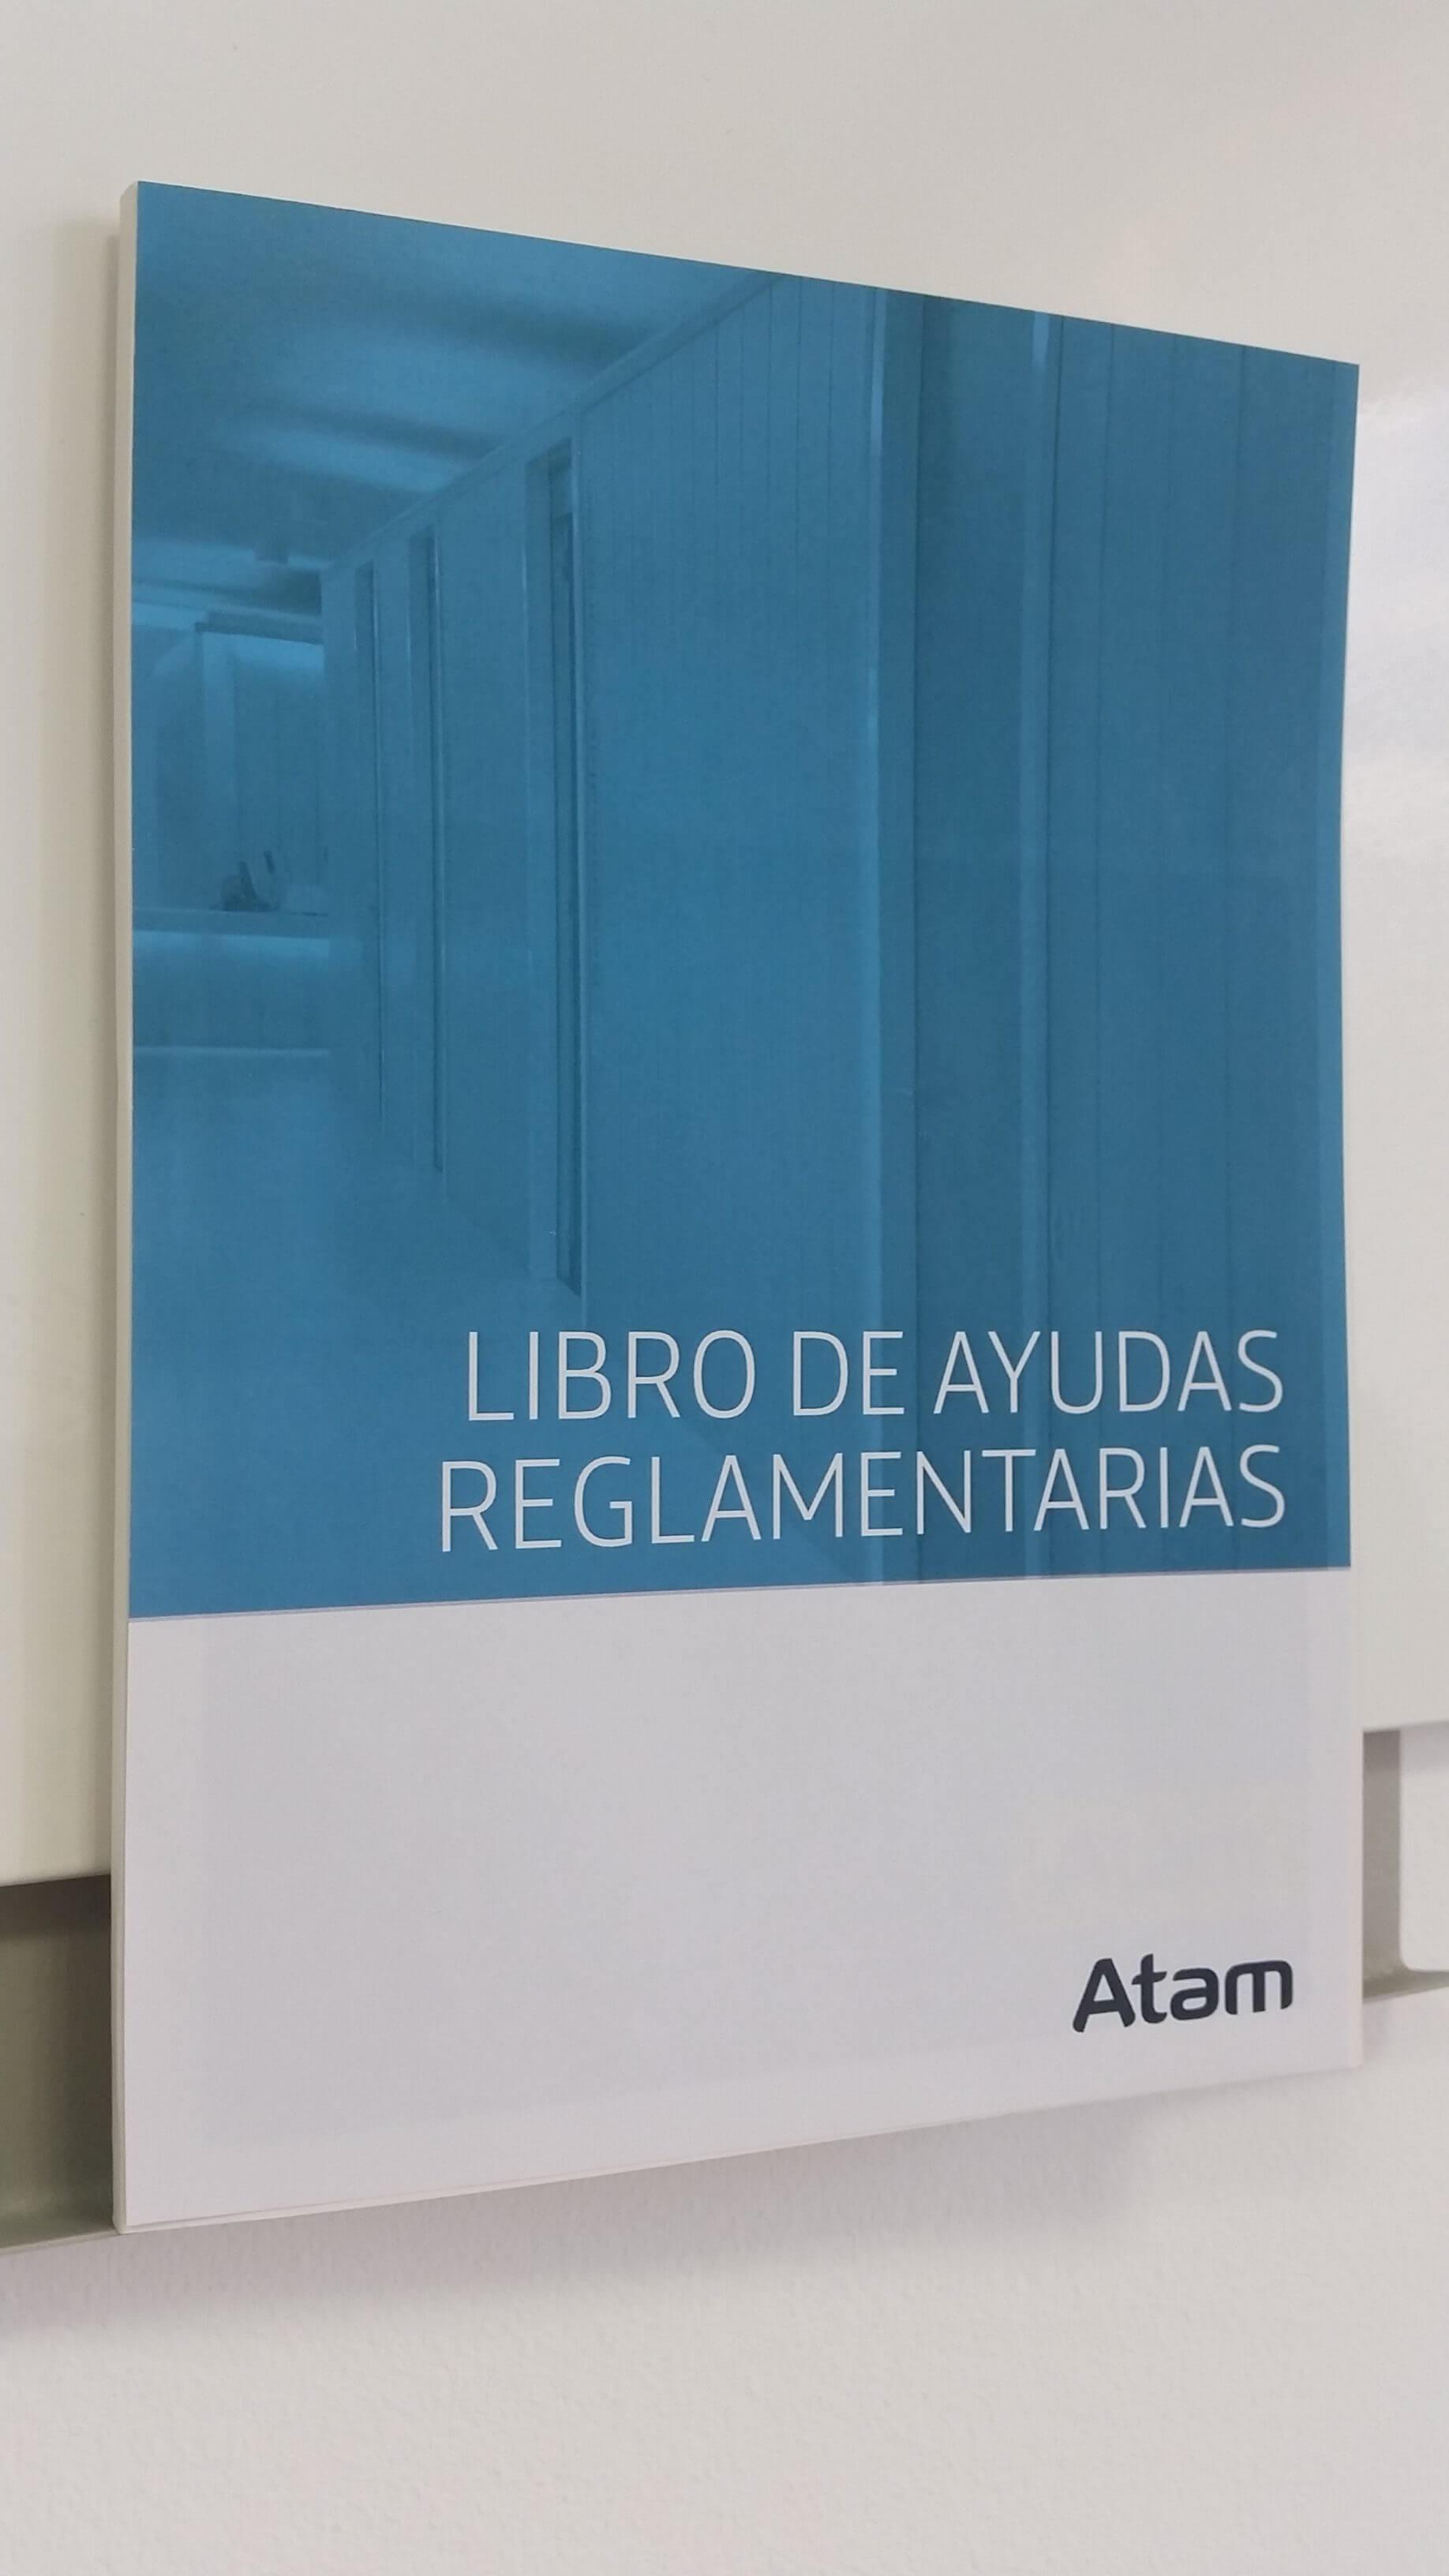 Nuevo Libro De Ayudas Reglamentarias De ATAM